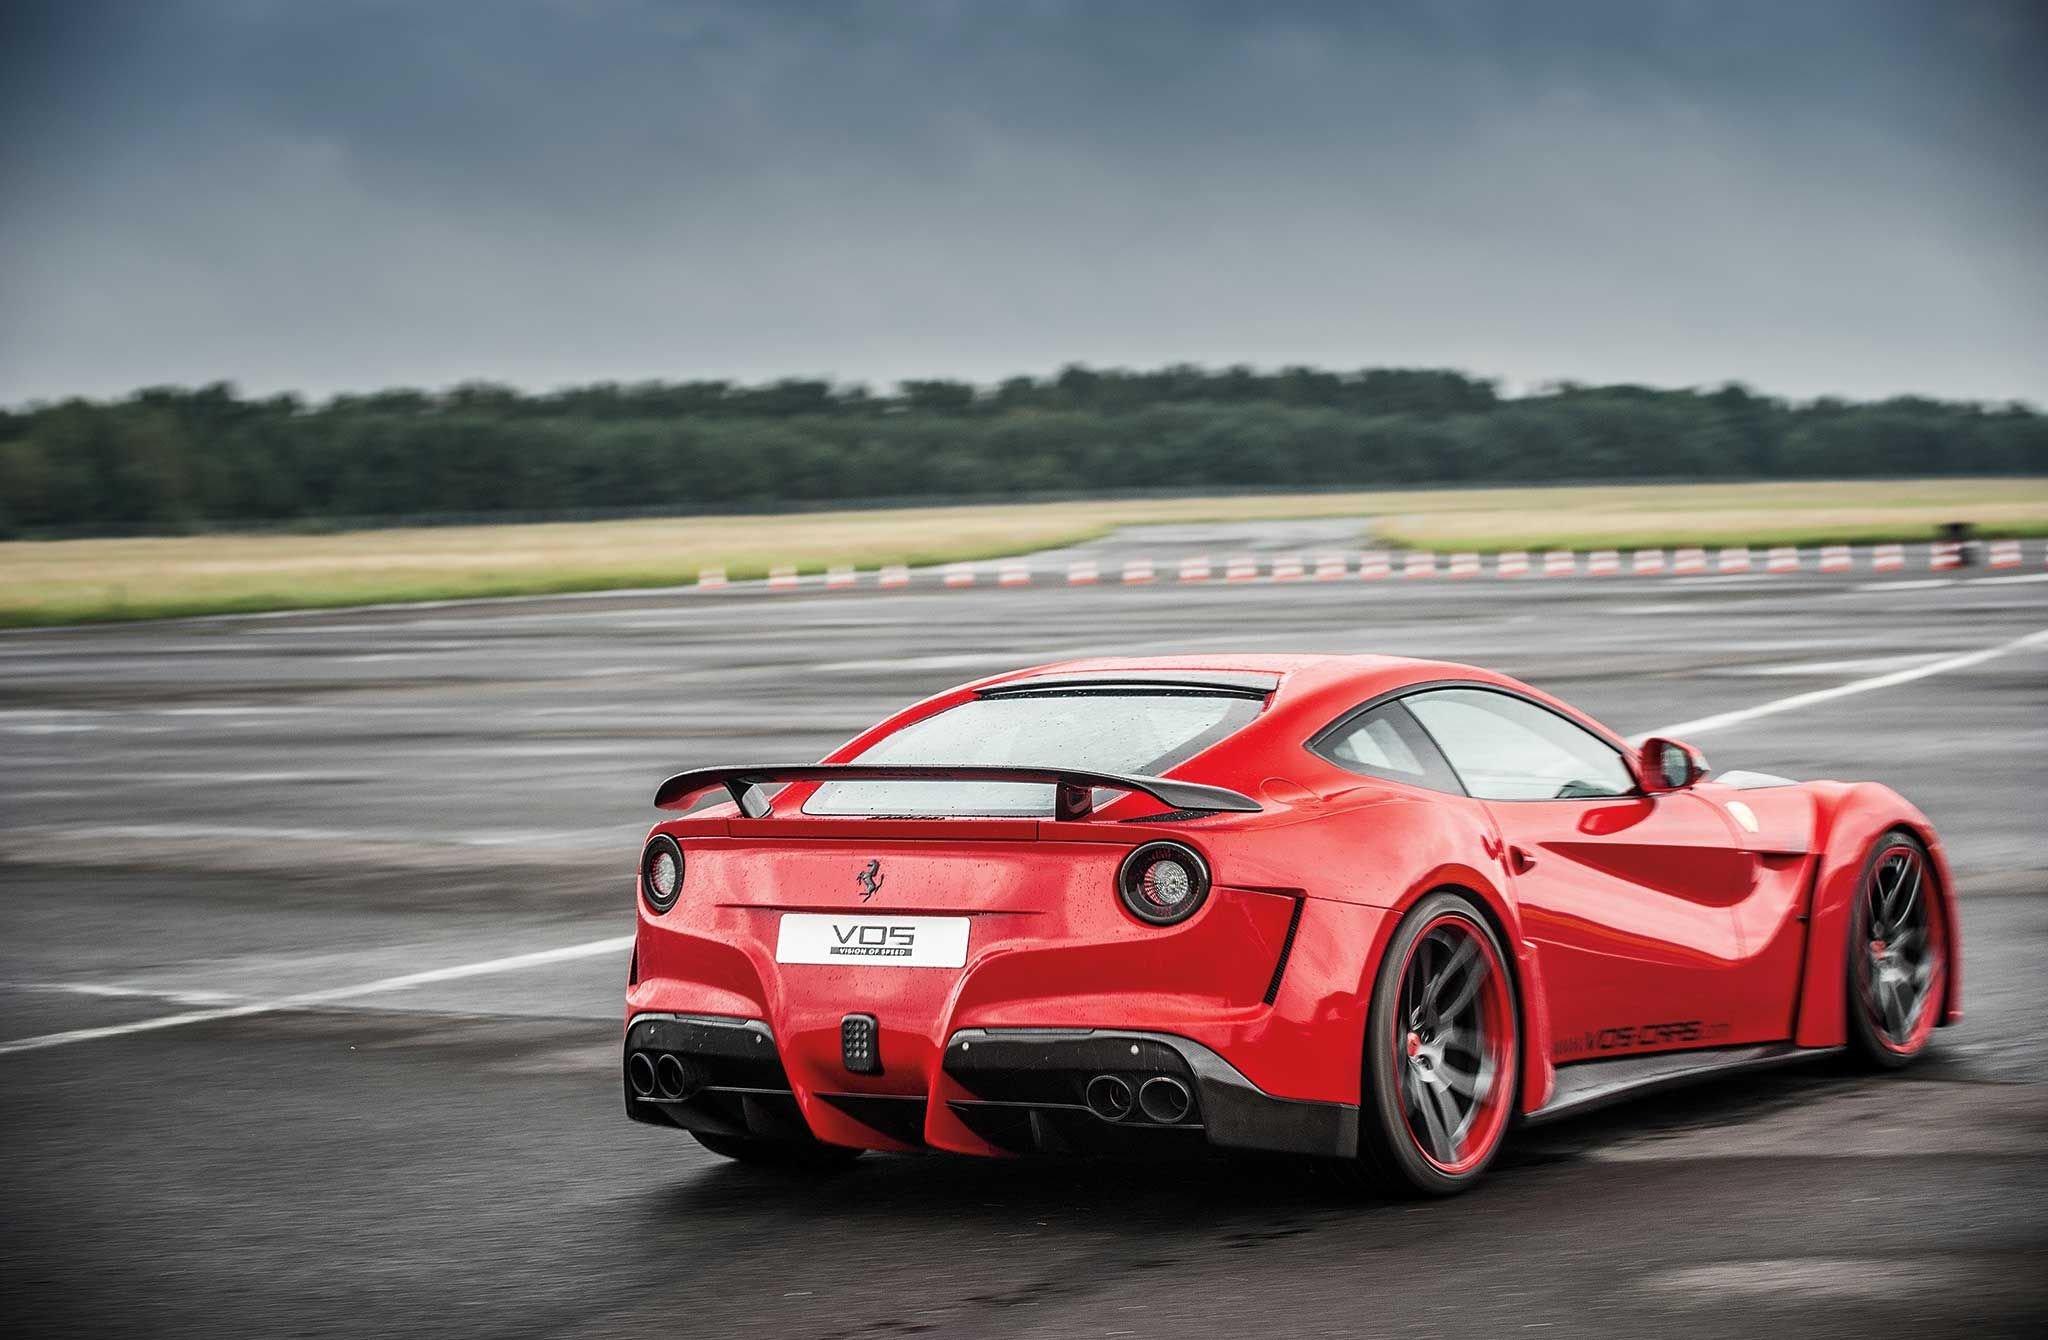 Novitec N-Largo Ferrari F12 berlinetta bodykit tuning 2015 ...